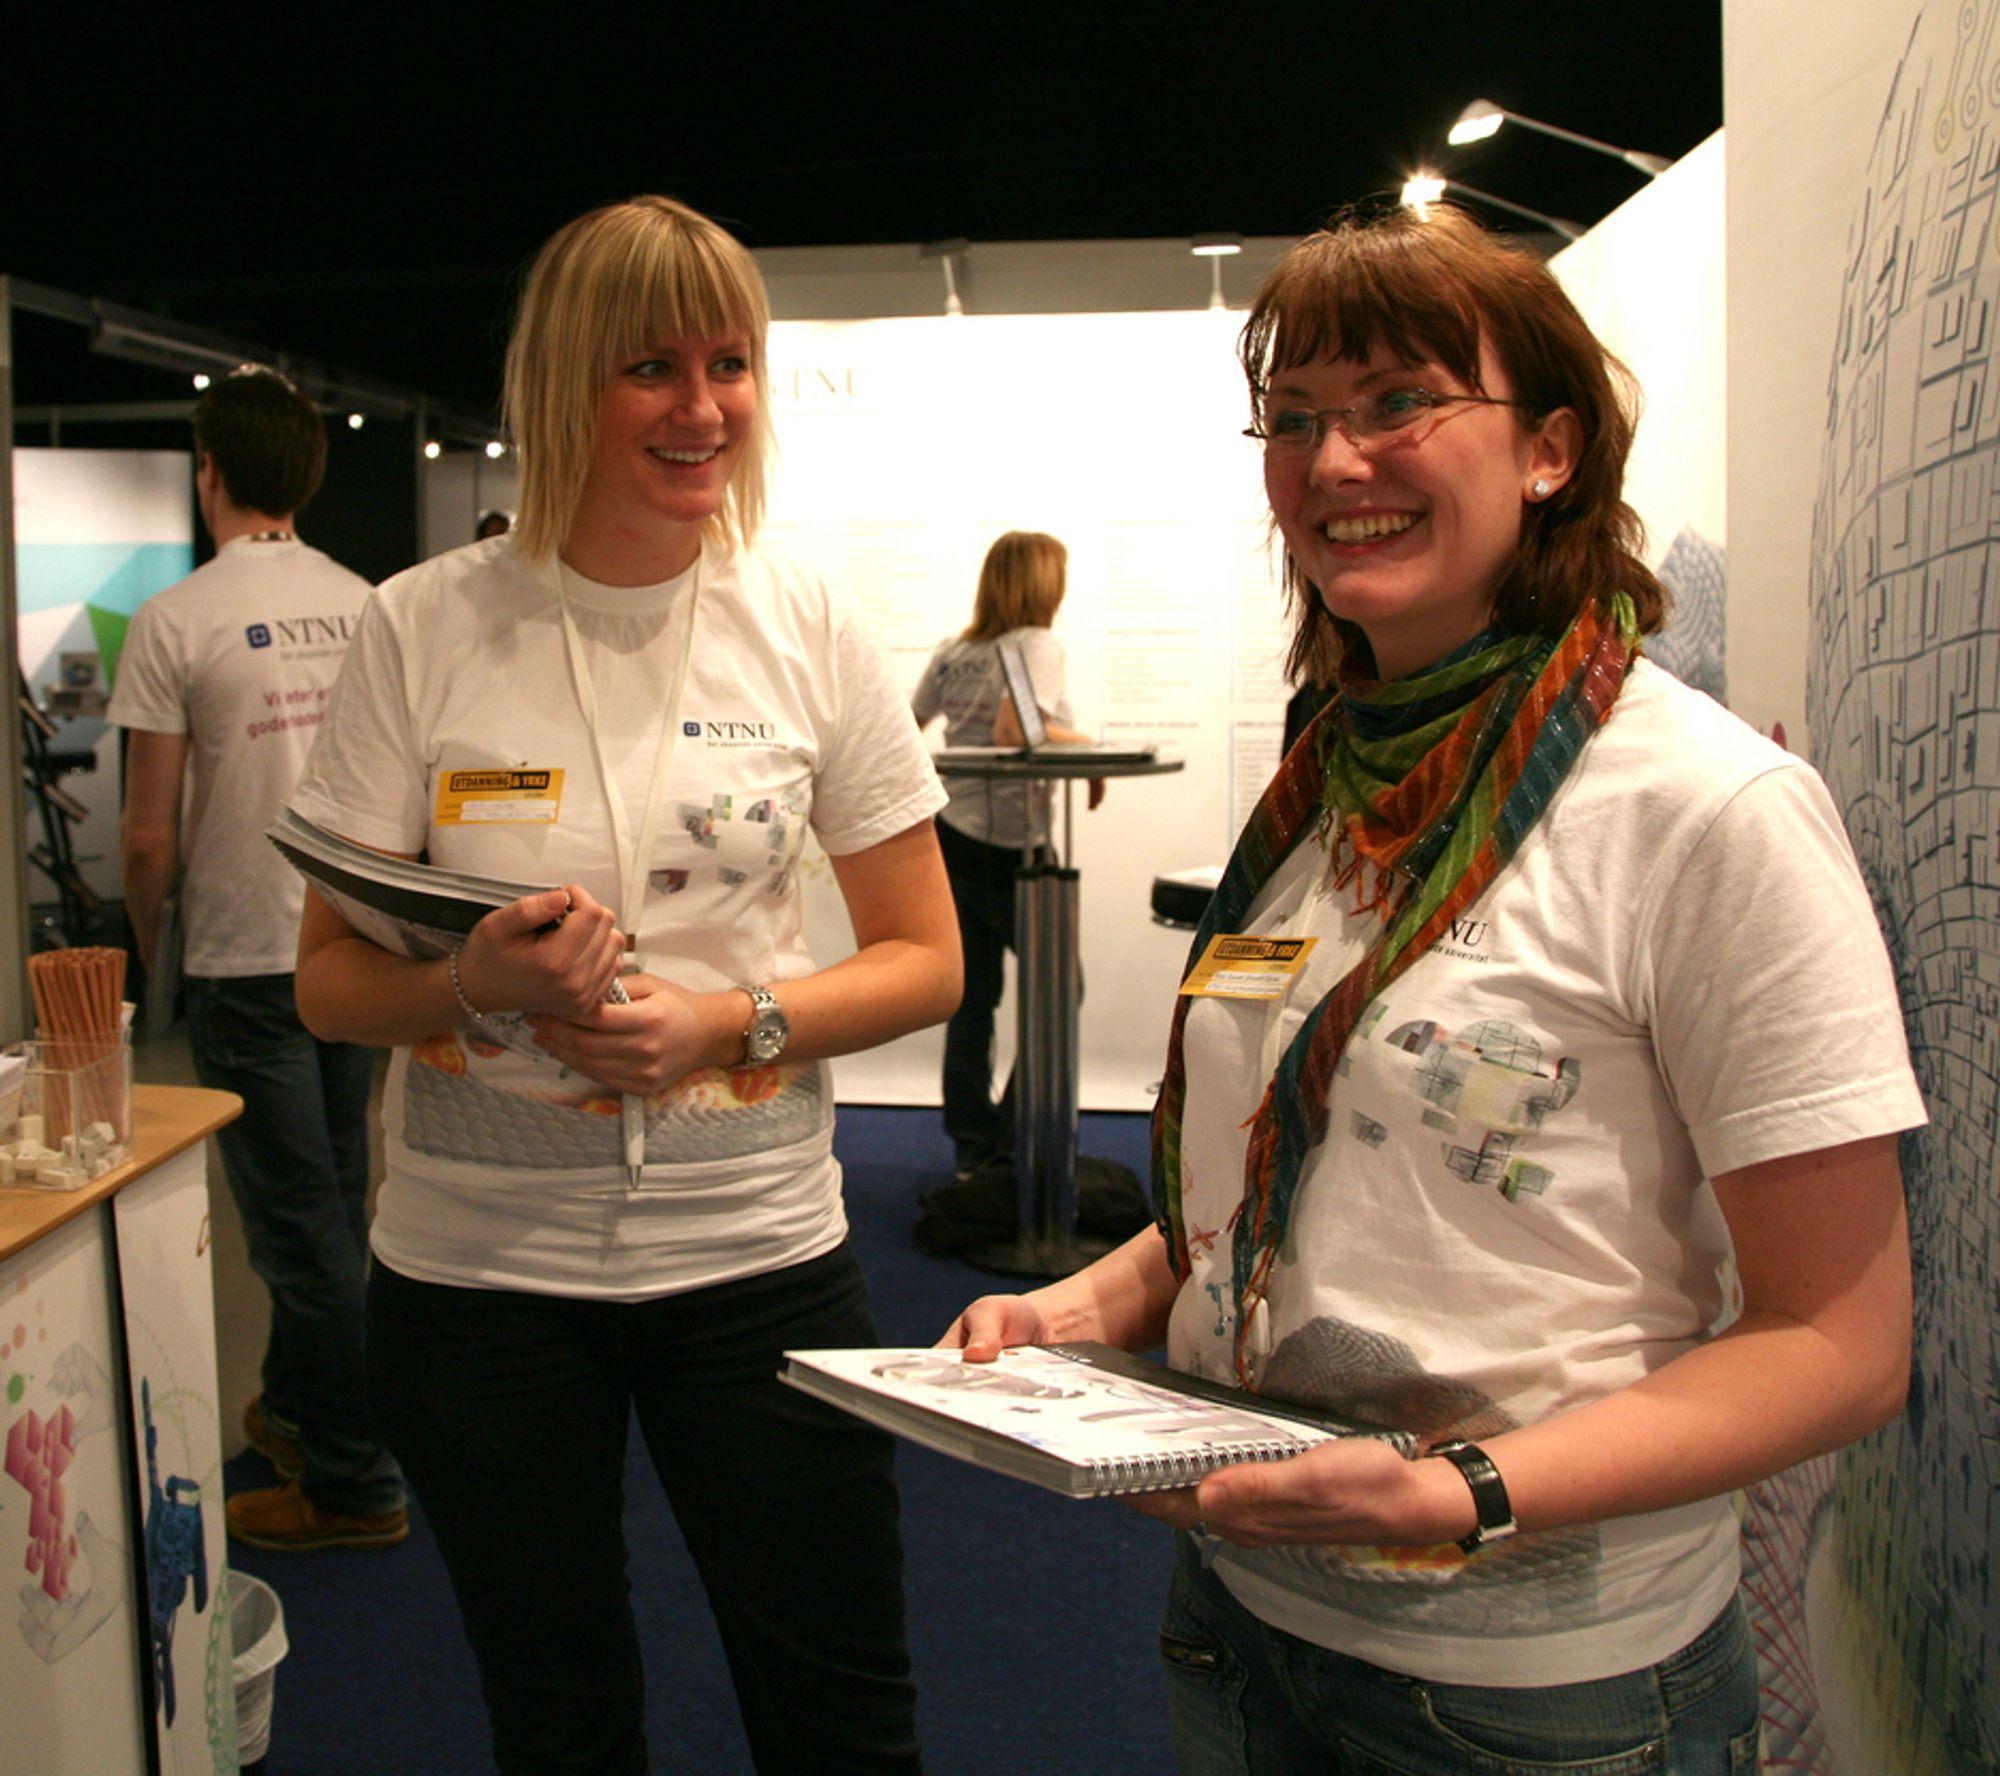 EFFEKTIVE: Verken industriell kjemi-student Anna Synnøve Ødegaard Røstad ( til høyre) eller medstudent Kjersti Vrålstad synes NTNU-studiene er for intense.